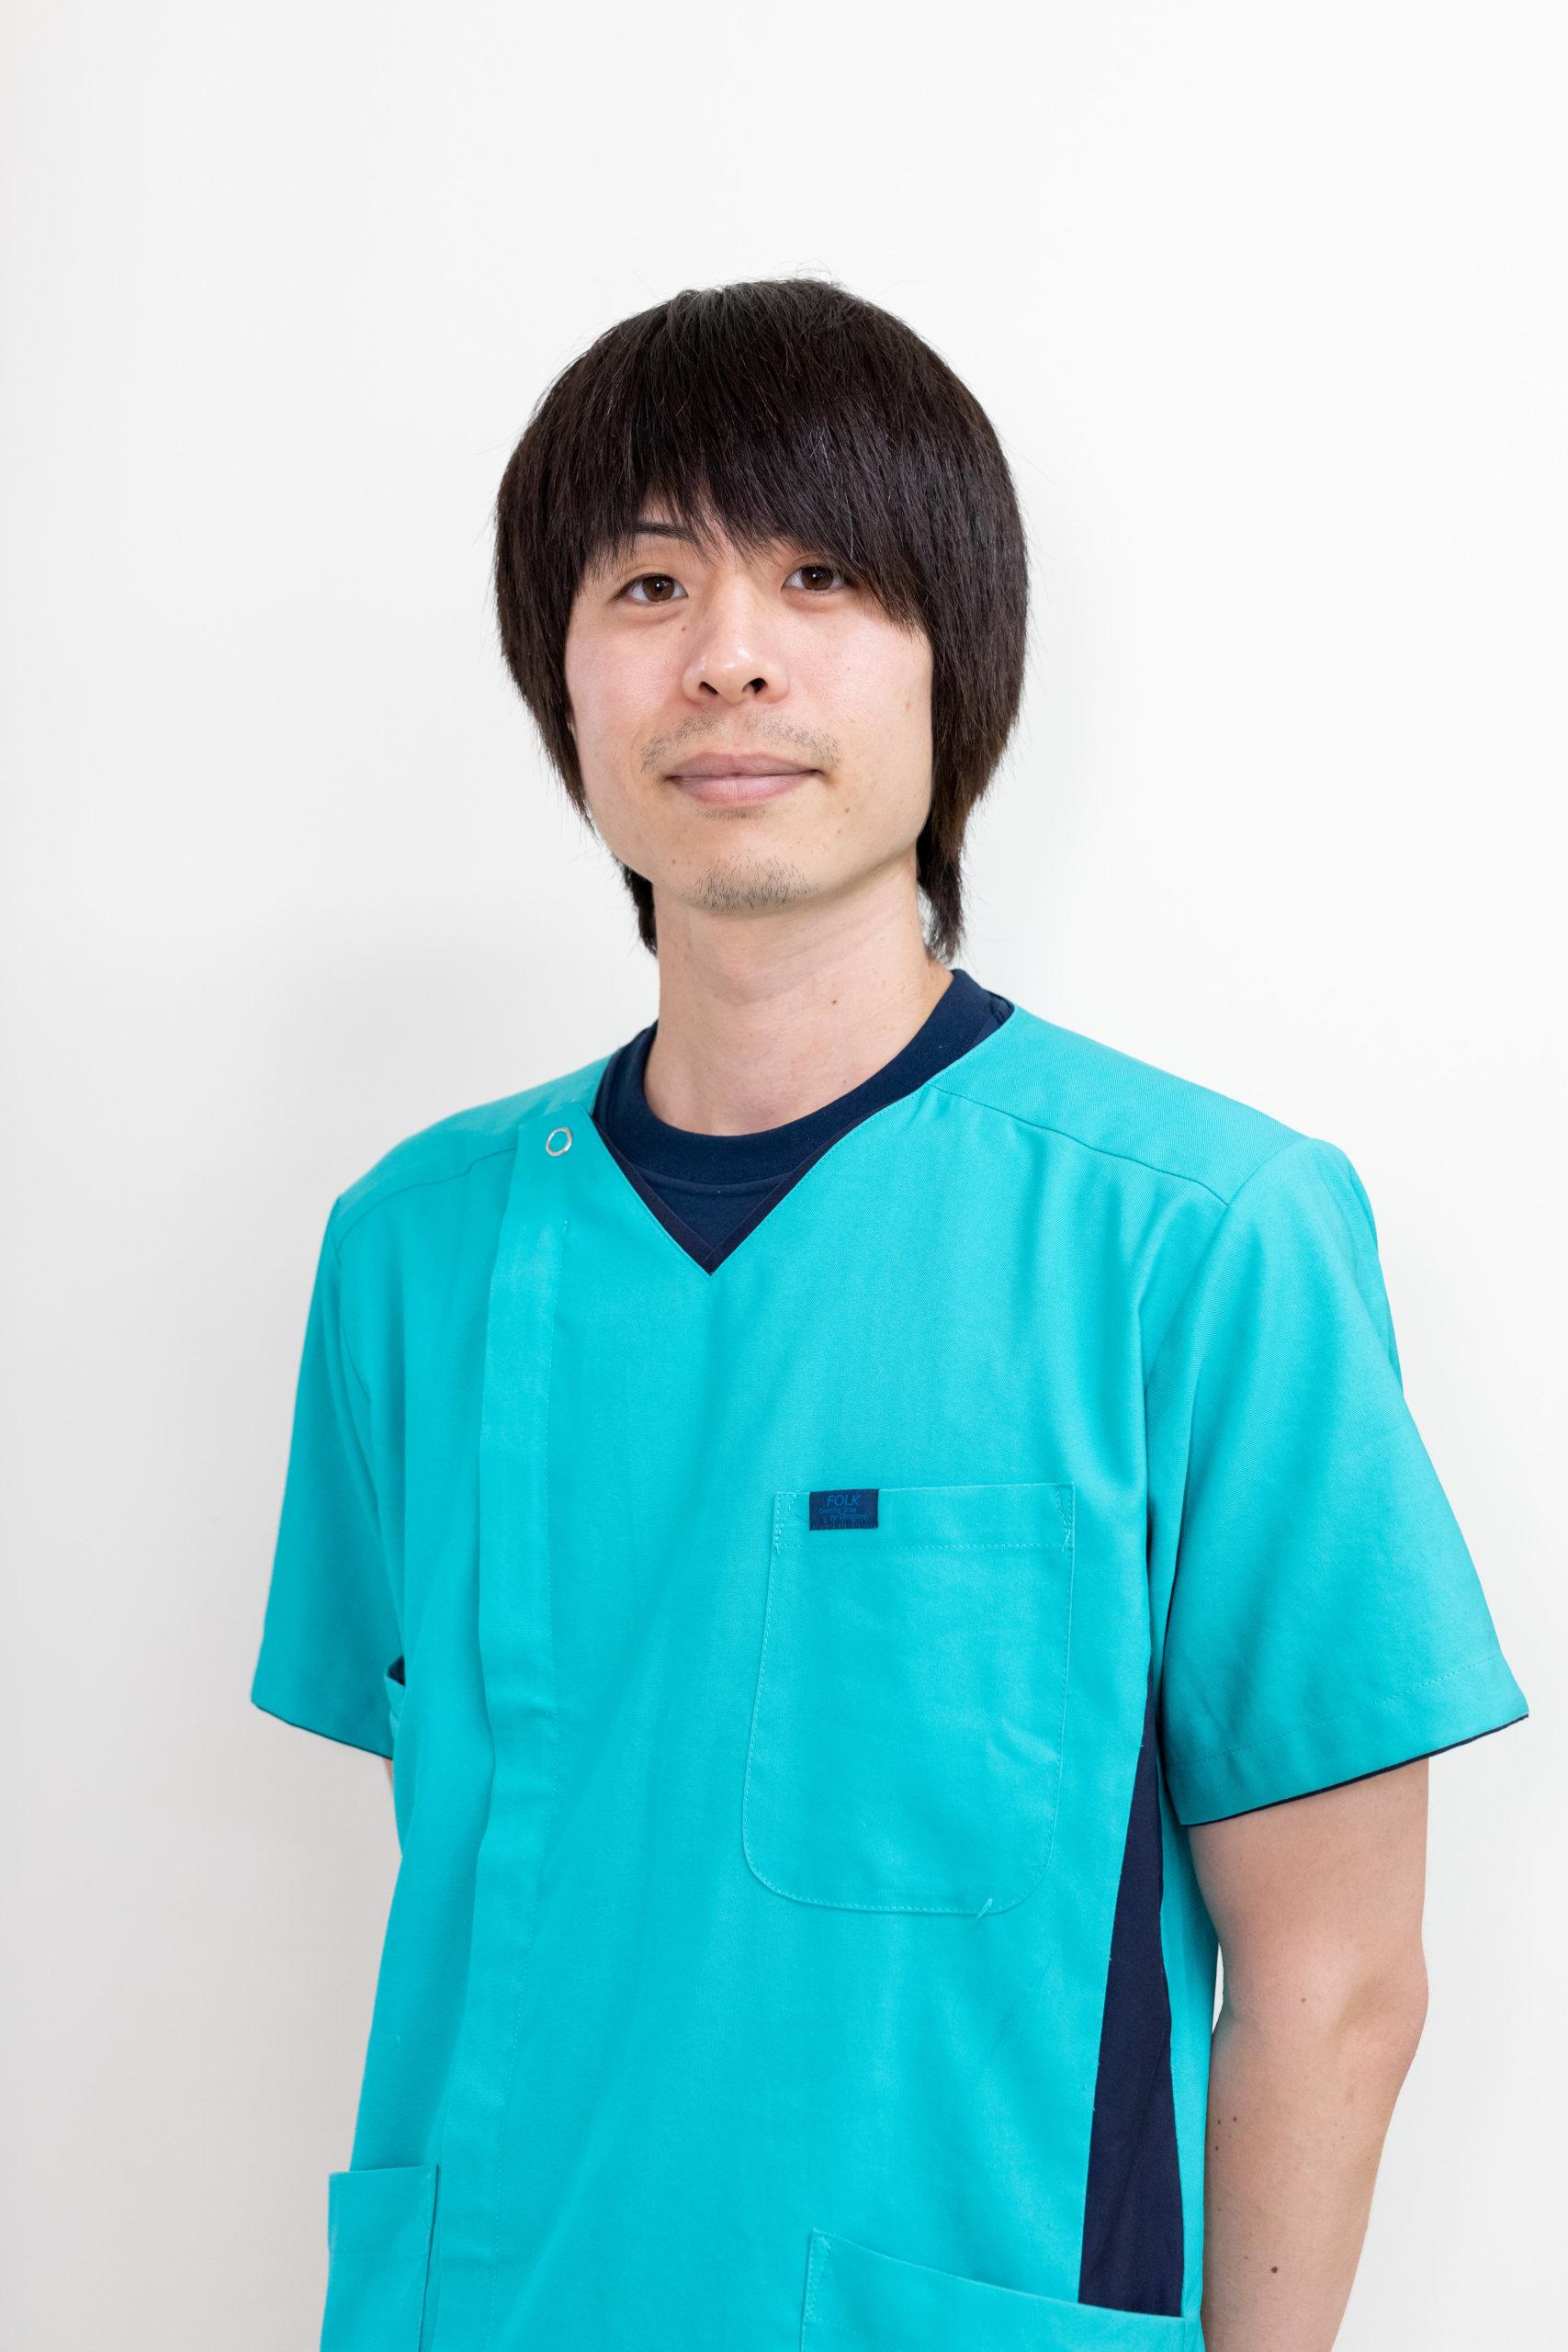 【獣医師】伊藤嵩人